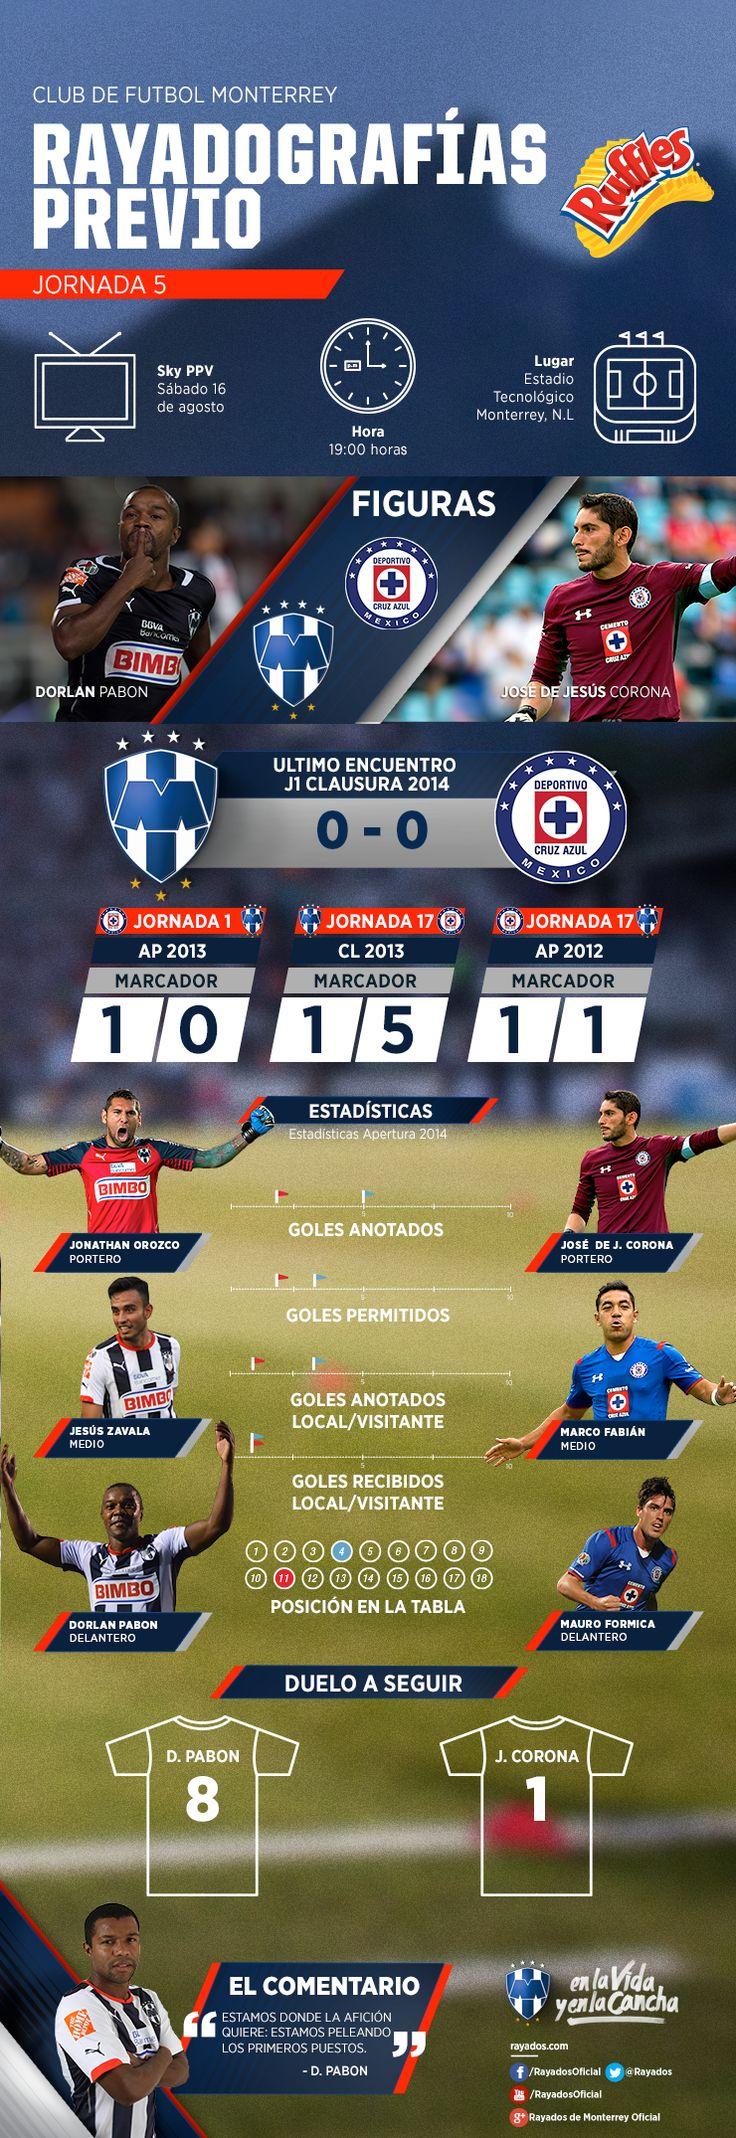 La #Rayadografía del partido de hoy #Rayados vs Cruz Azul es presentada por Ruffles MX.